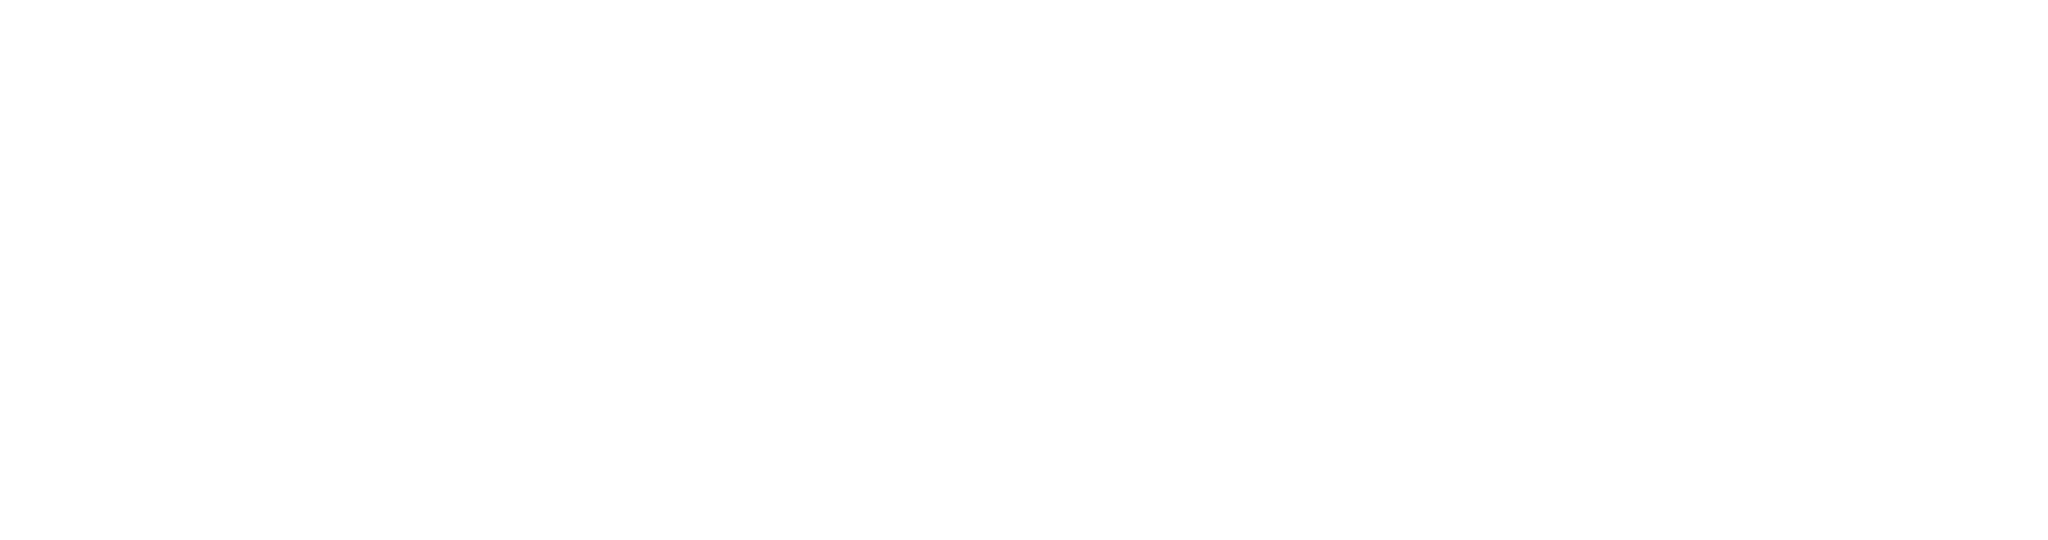 p018-r018-top-tabsp